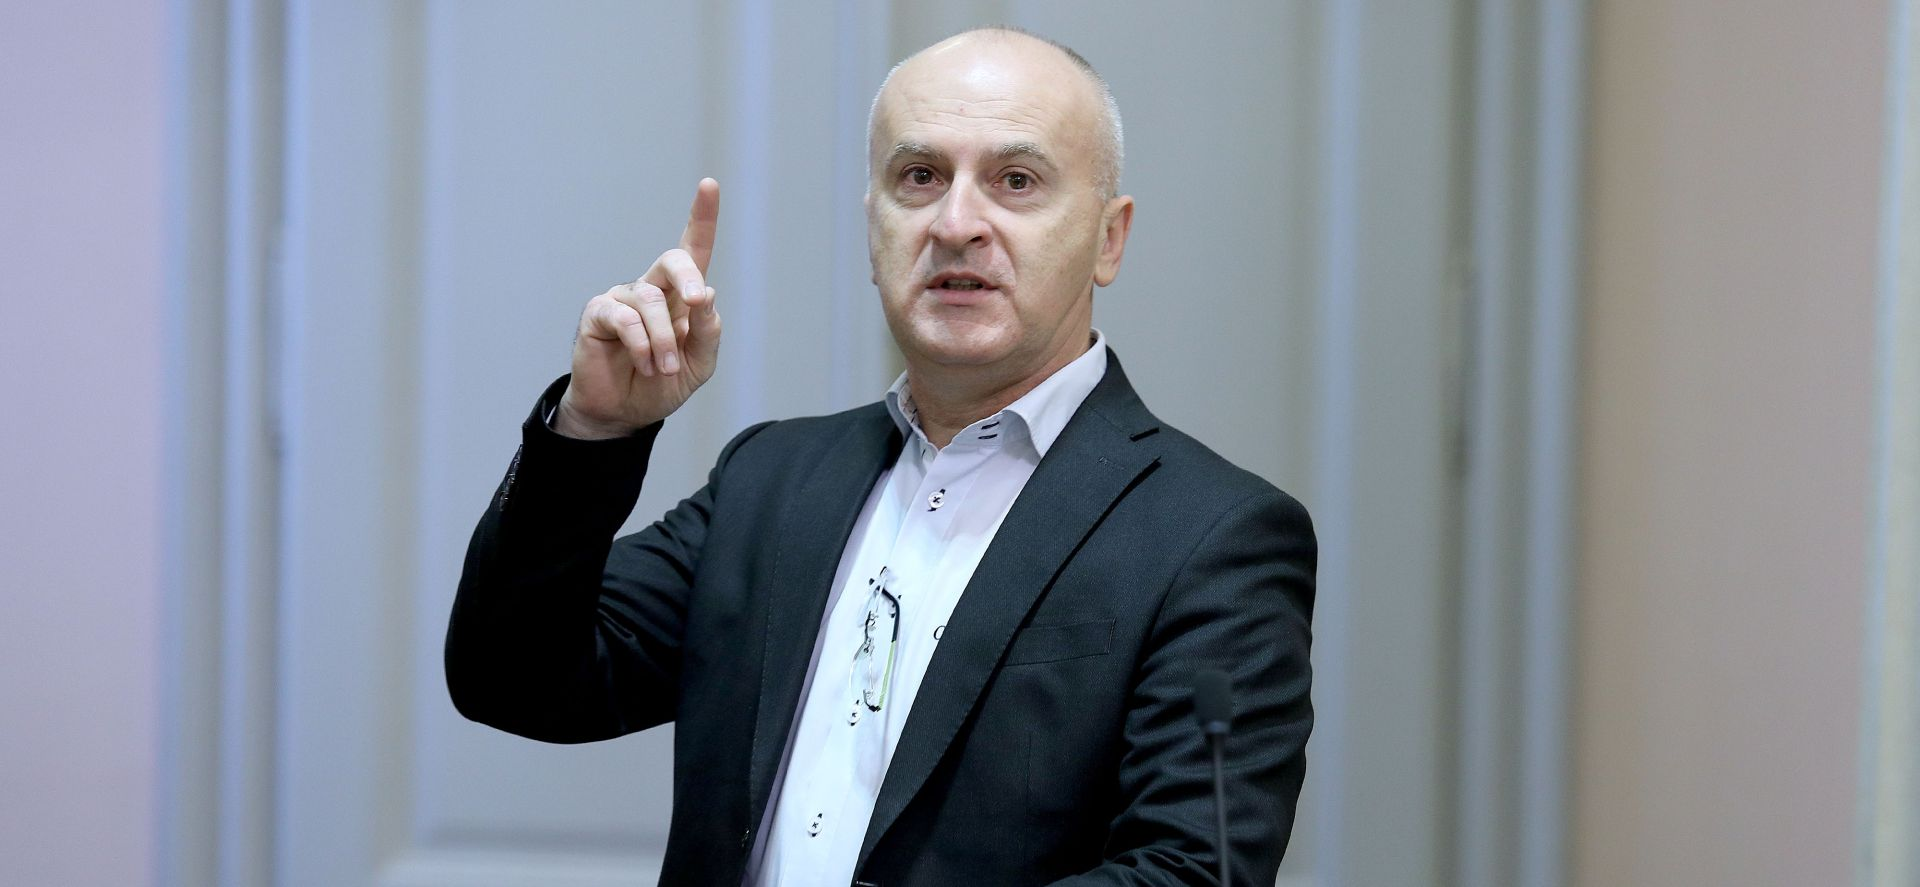 MATIĆ ŽELI BITI ZAGREBAČKI GRADONAČELNIK 'Prije bih prošao kao nezavisni nego s ovakvim SDP-om'